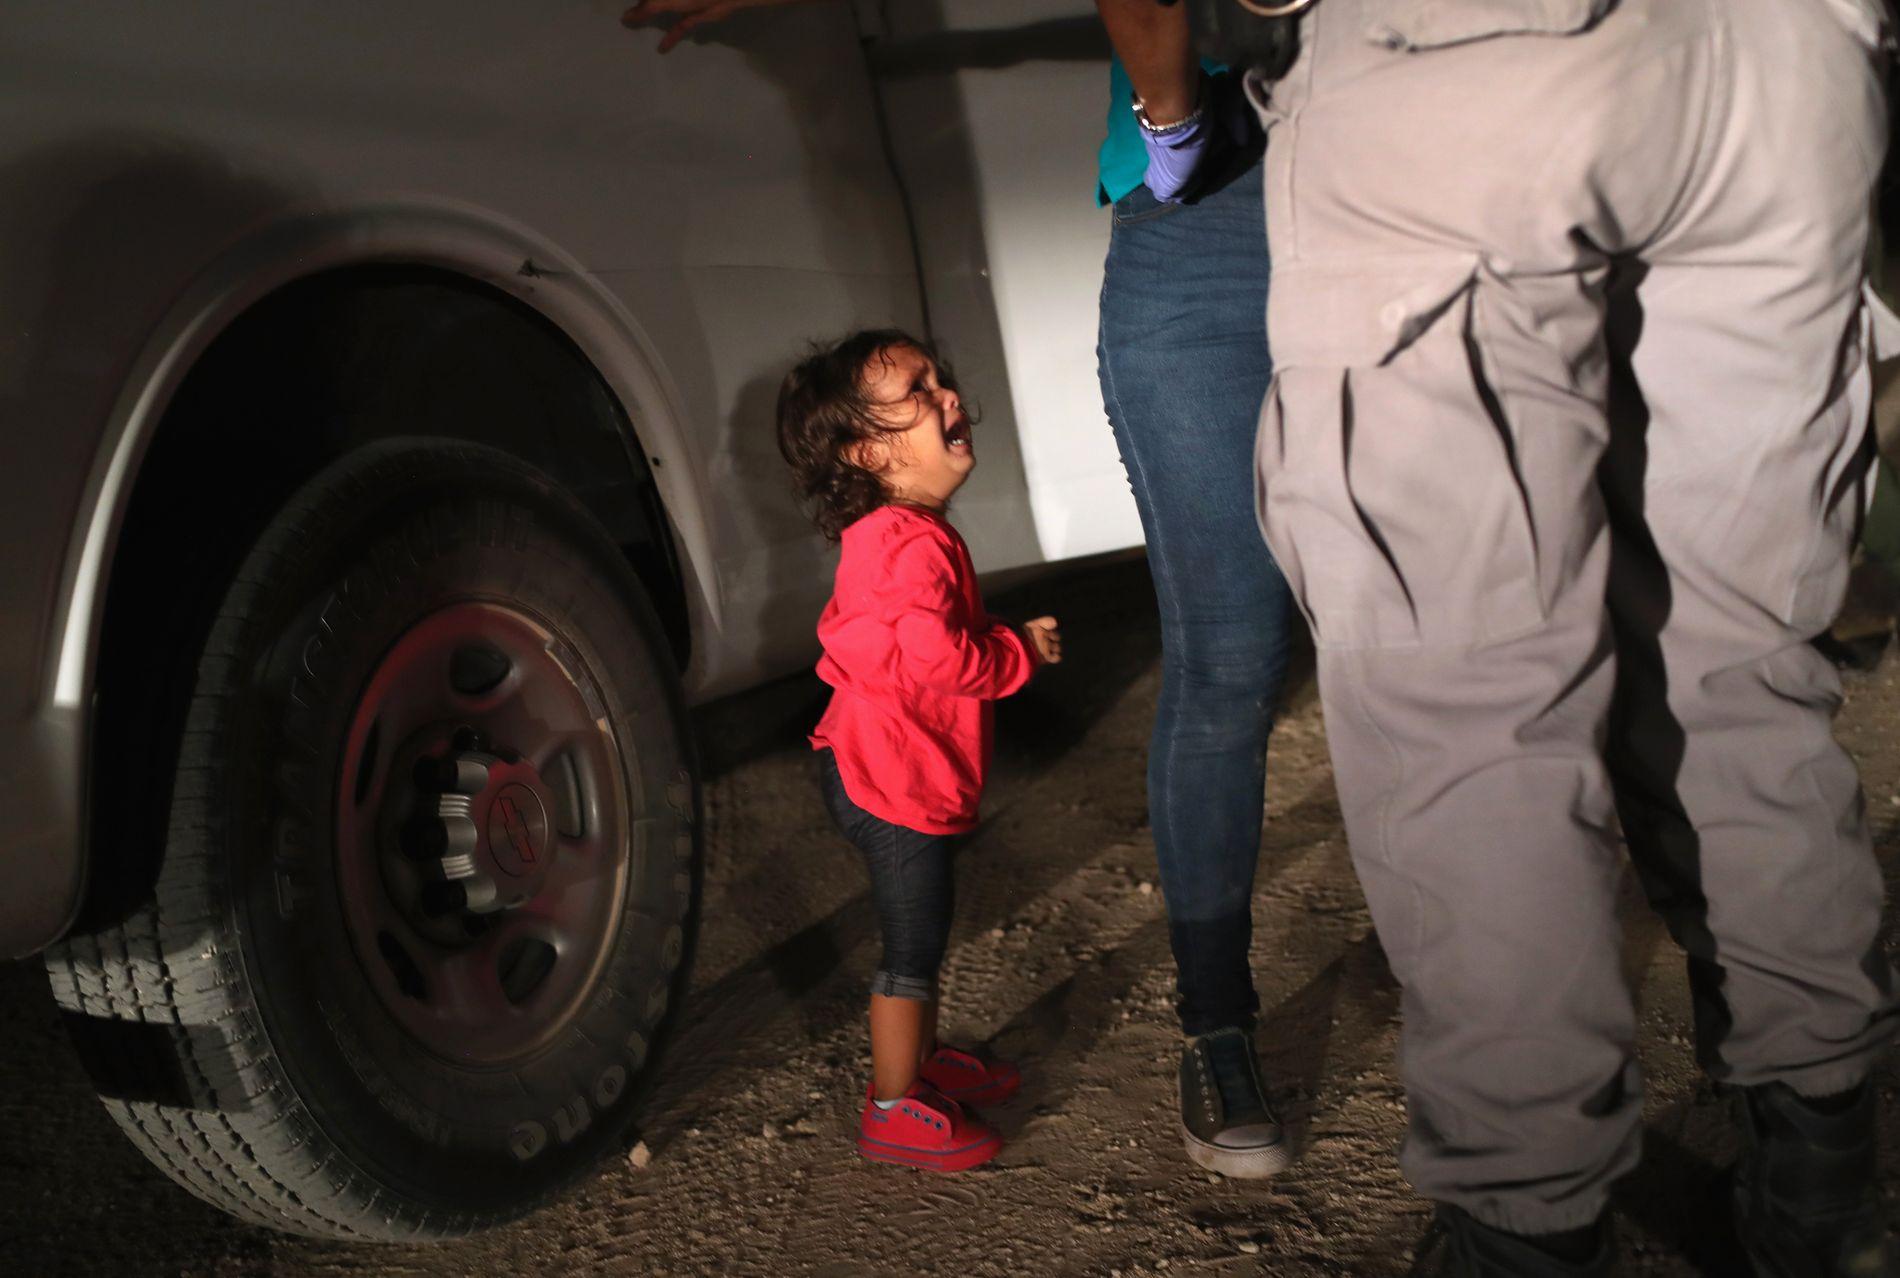 GRÅTER: Dette bildet skal vise en to år gammel jente fra Honduras. Hun bryter ut i gråt idet hennes mor blir ransaket og arrestert ved grensen mellom USA og Mexico 12. juni i år, ifølge bildebyrået Getty. De skriver at asylsøkerne hadde tatt seg over Rio Grande før de ble pågrepet og sendt videre til et senter. Det vites ikke om jenta ble skilt fra moren.